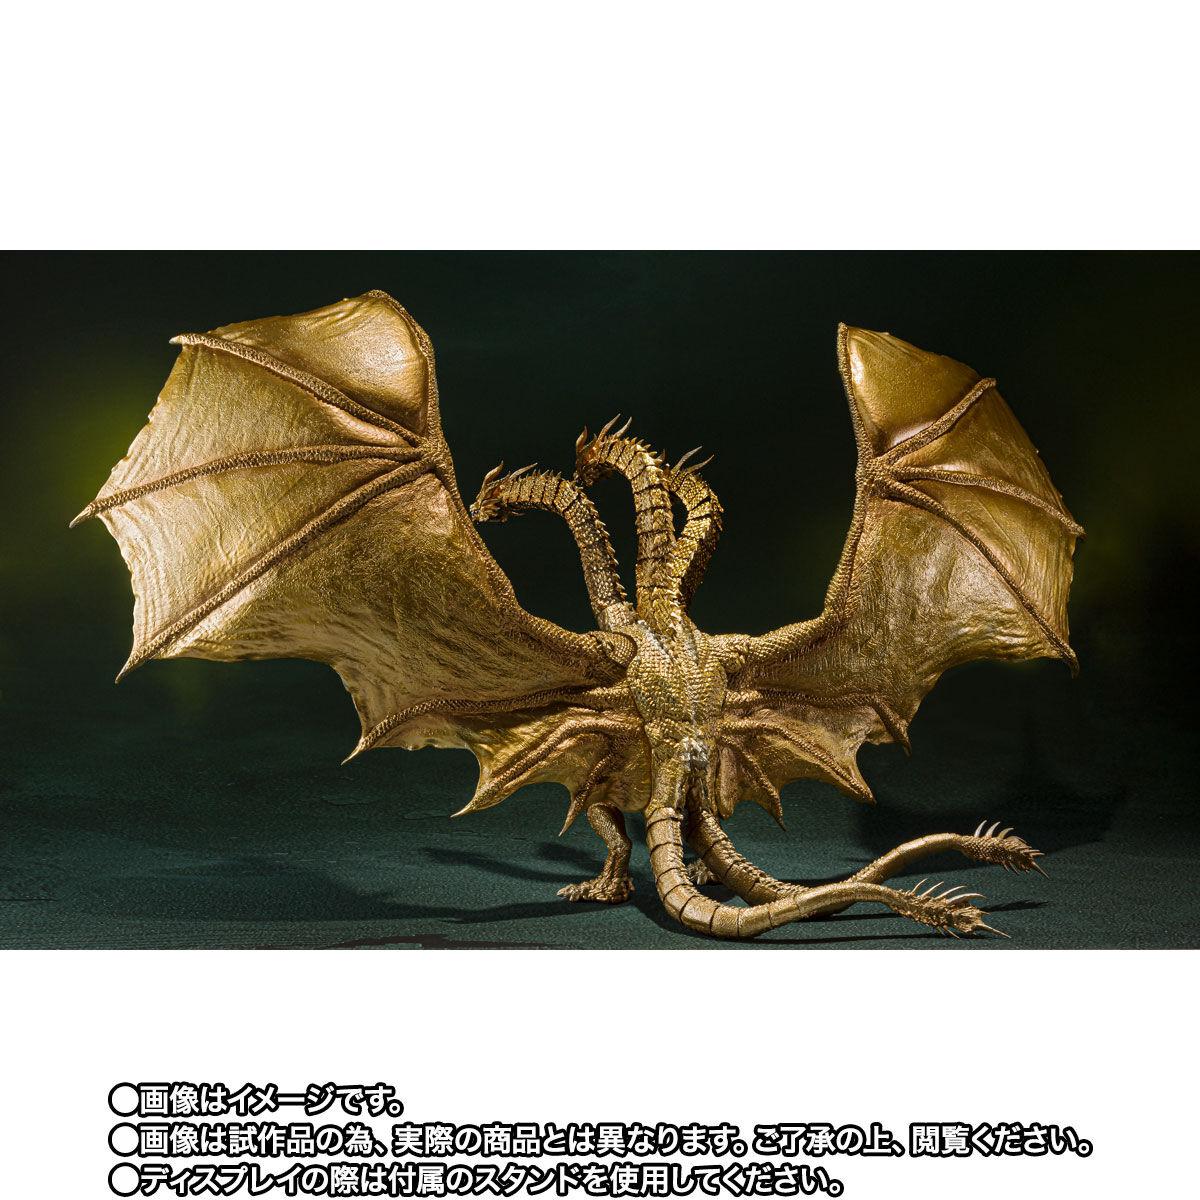 【限定販売】S.H.MonsterArts『キングギドラ(2019)Special Color Ver.』ゴジラ キング・オブ・モンスターズ 可動フィギュア-003